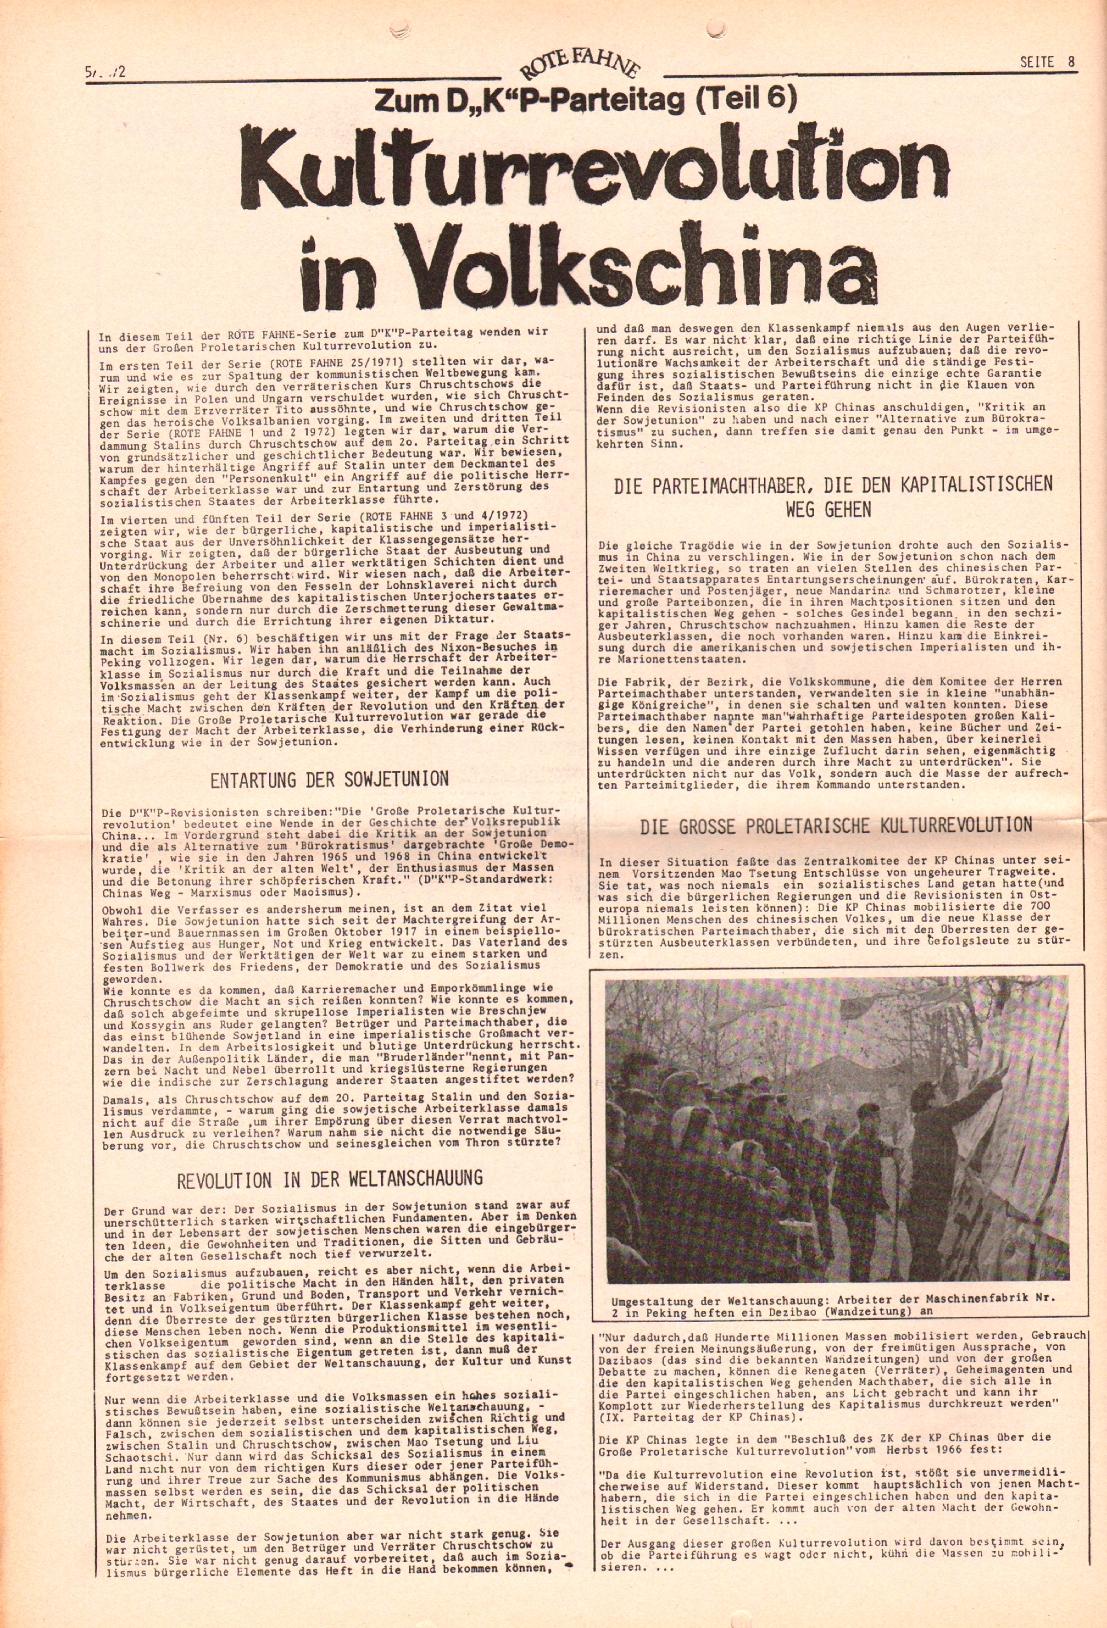 Rote Fahne, 3. Jg., 6.3.1972, Nr. 5, Seite 8